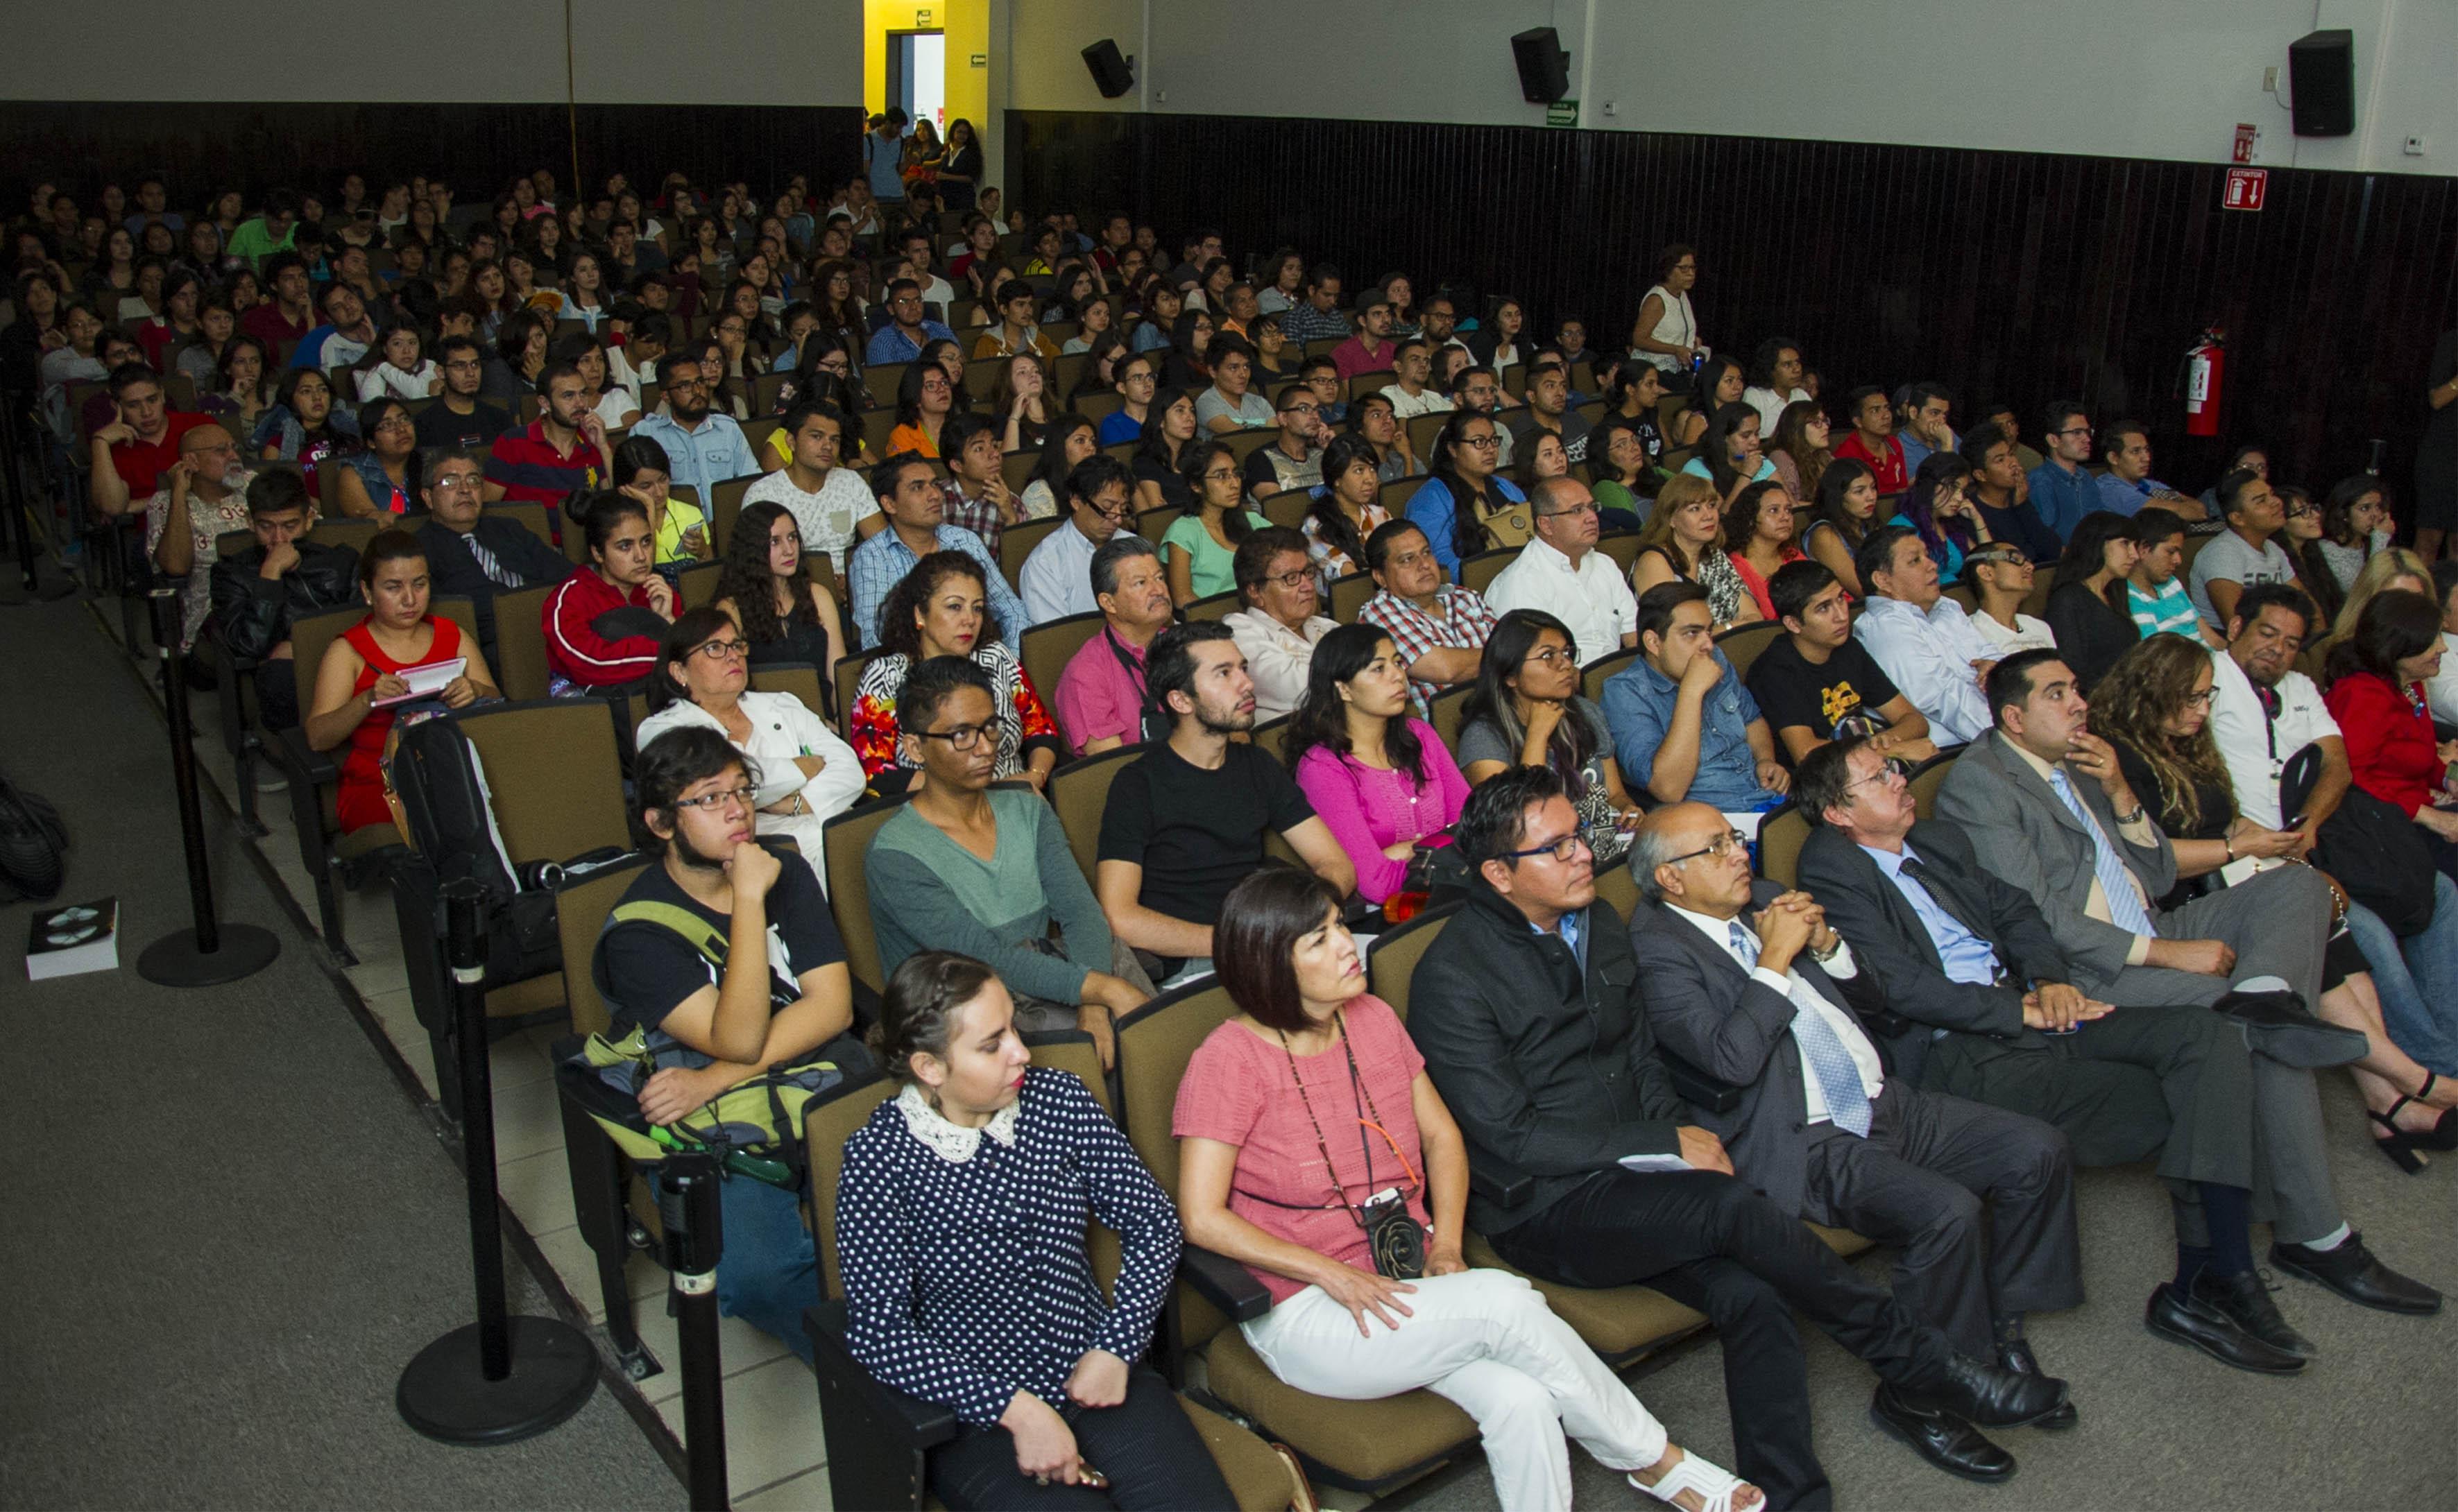 Publico asistente a la conferencia del quimico mexicano Eusebio Juaristi Cosío